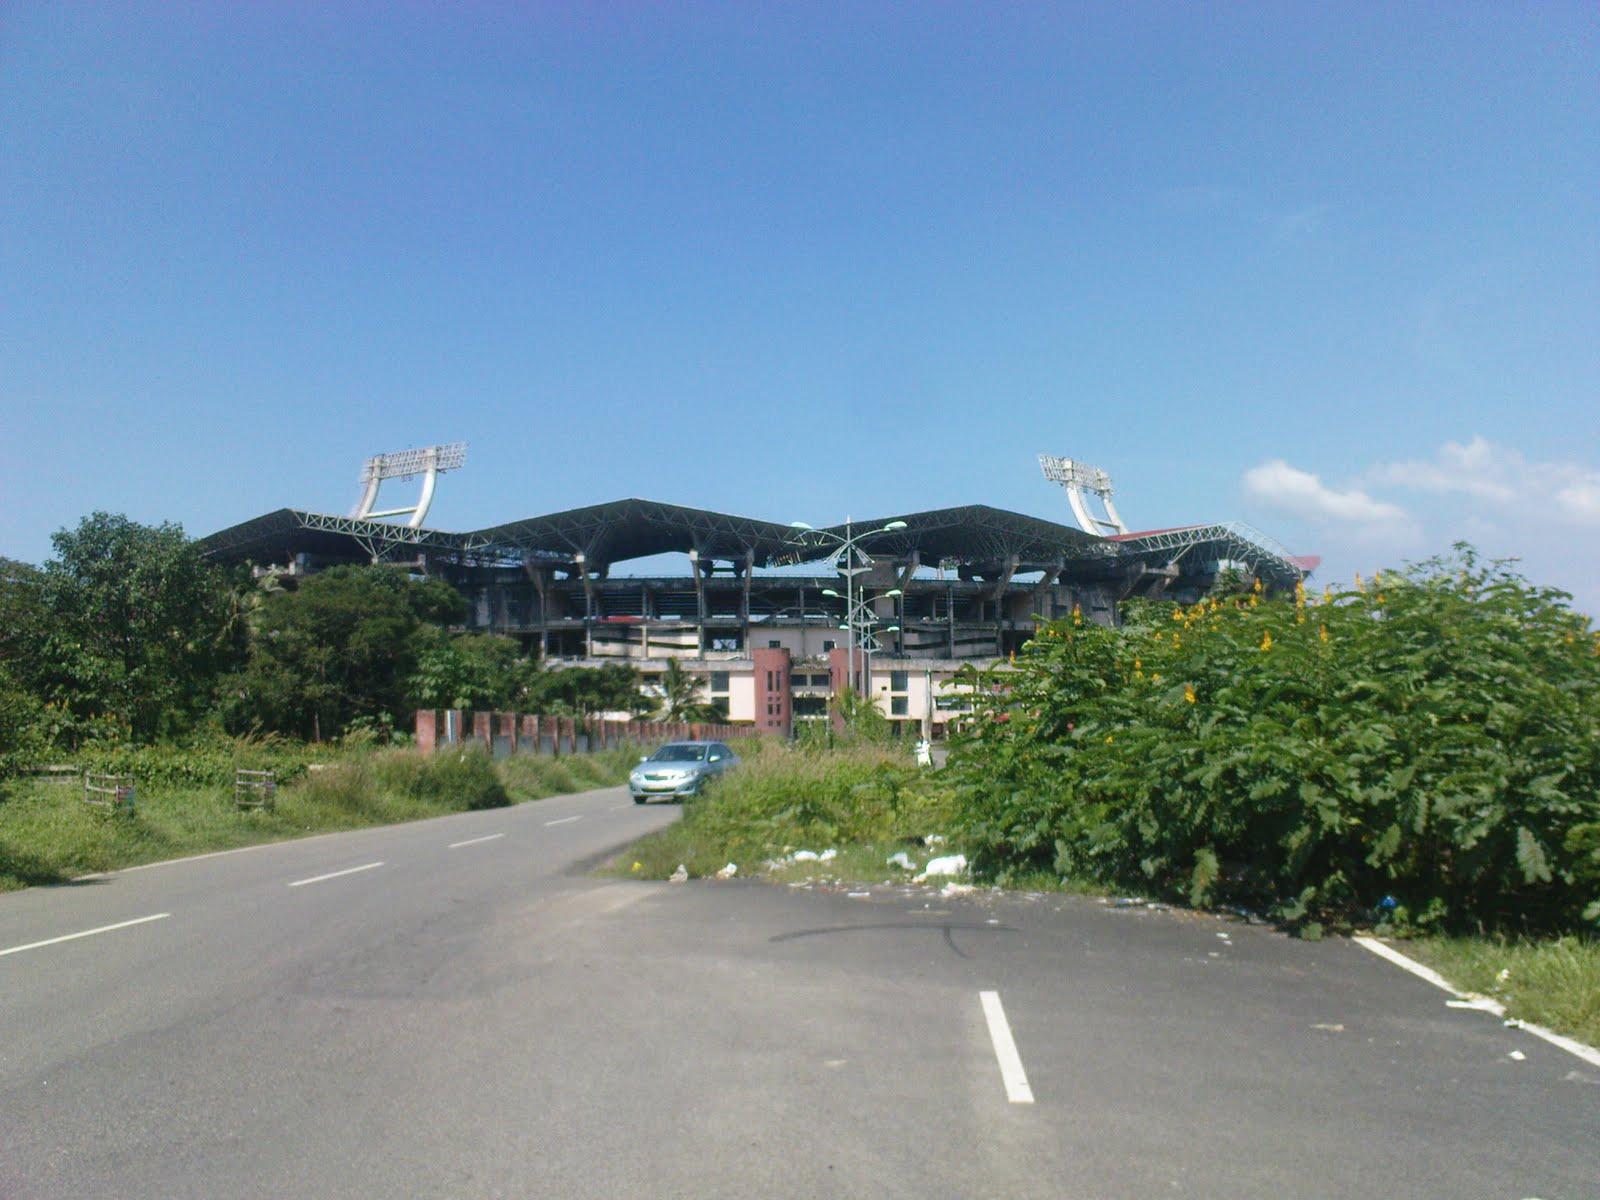 http://1.bp.blogspot.com/_Bp69bfSPHRc/SwJptSs3cvI/AAAAAAAAApc/-cptbmtX3Ag/s1600/Kochi-Stadium-approach3.jpg